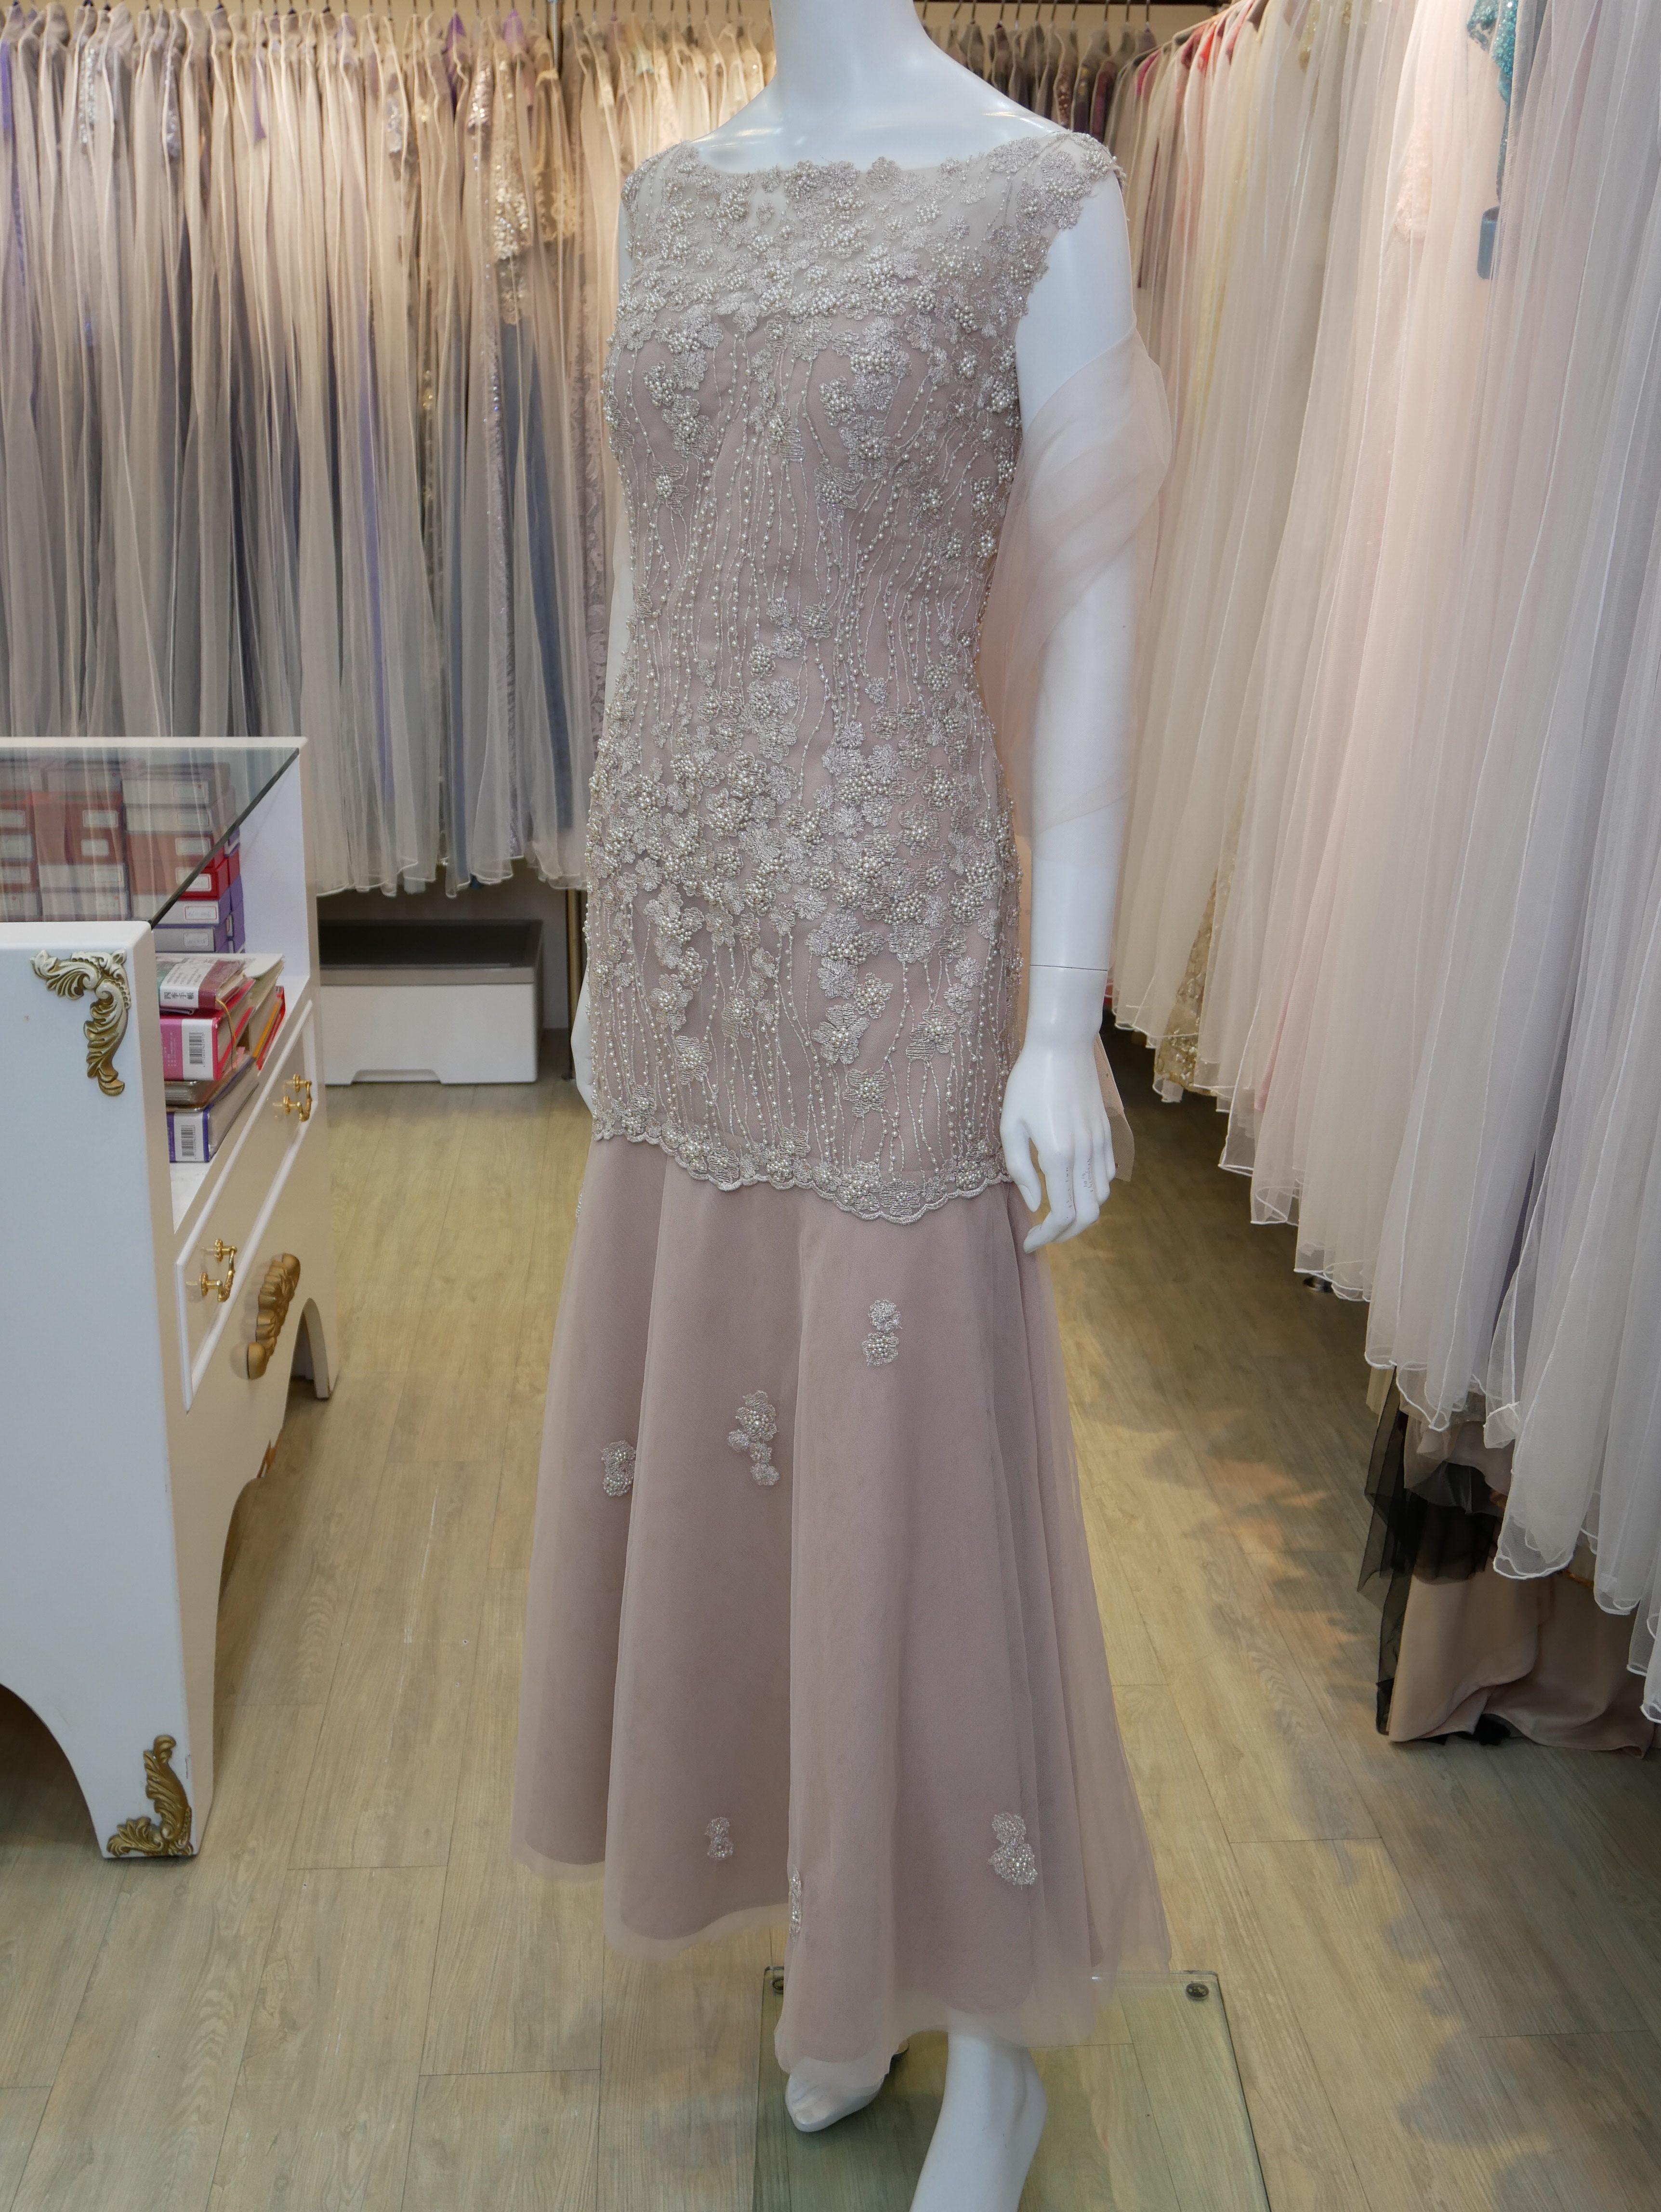 台北媽媽氣質禮服,粉膚,手工串珠,繡花,薄紗,圓領,晚禮服,長禮服,披肩